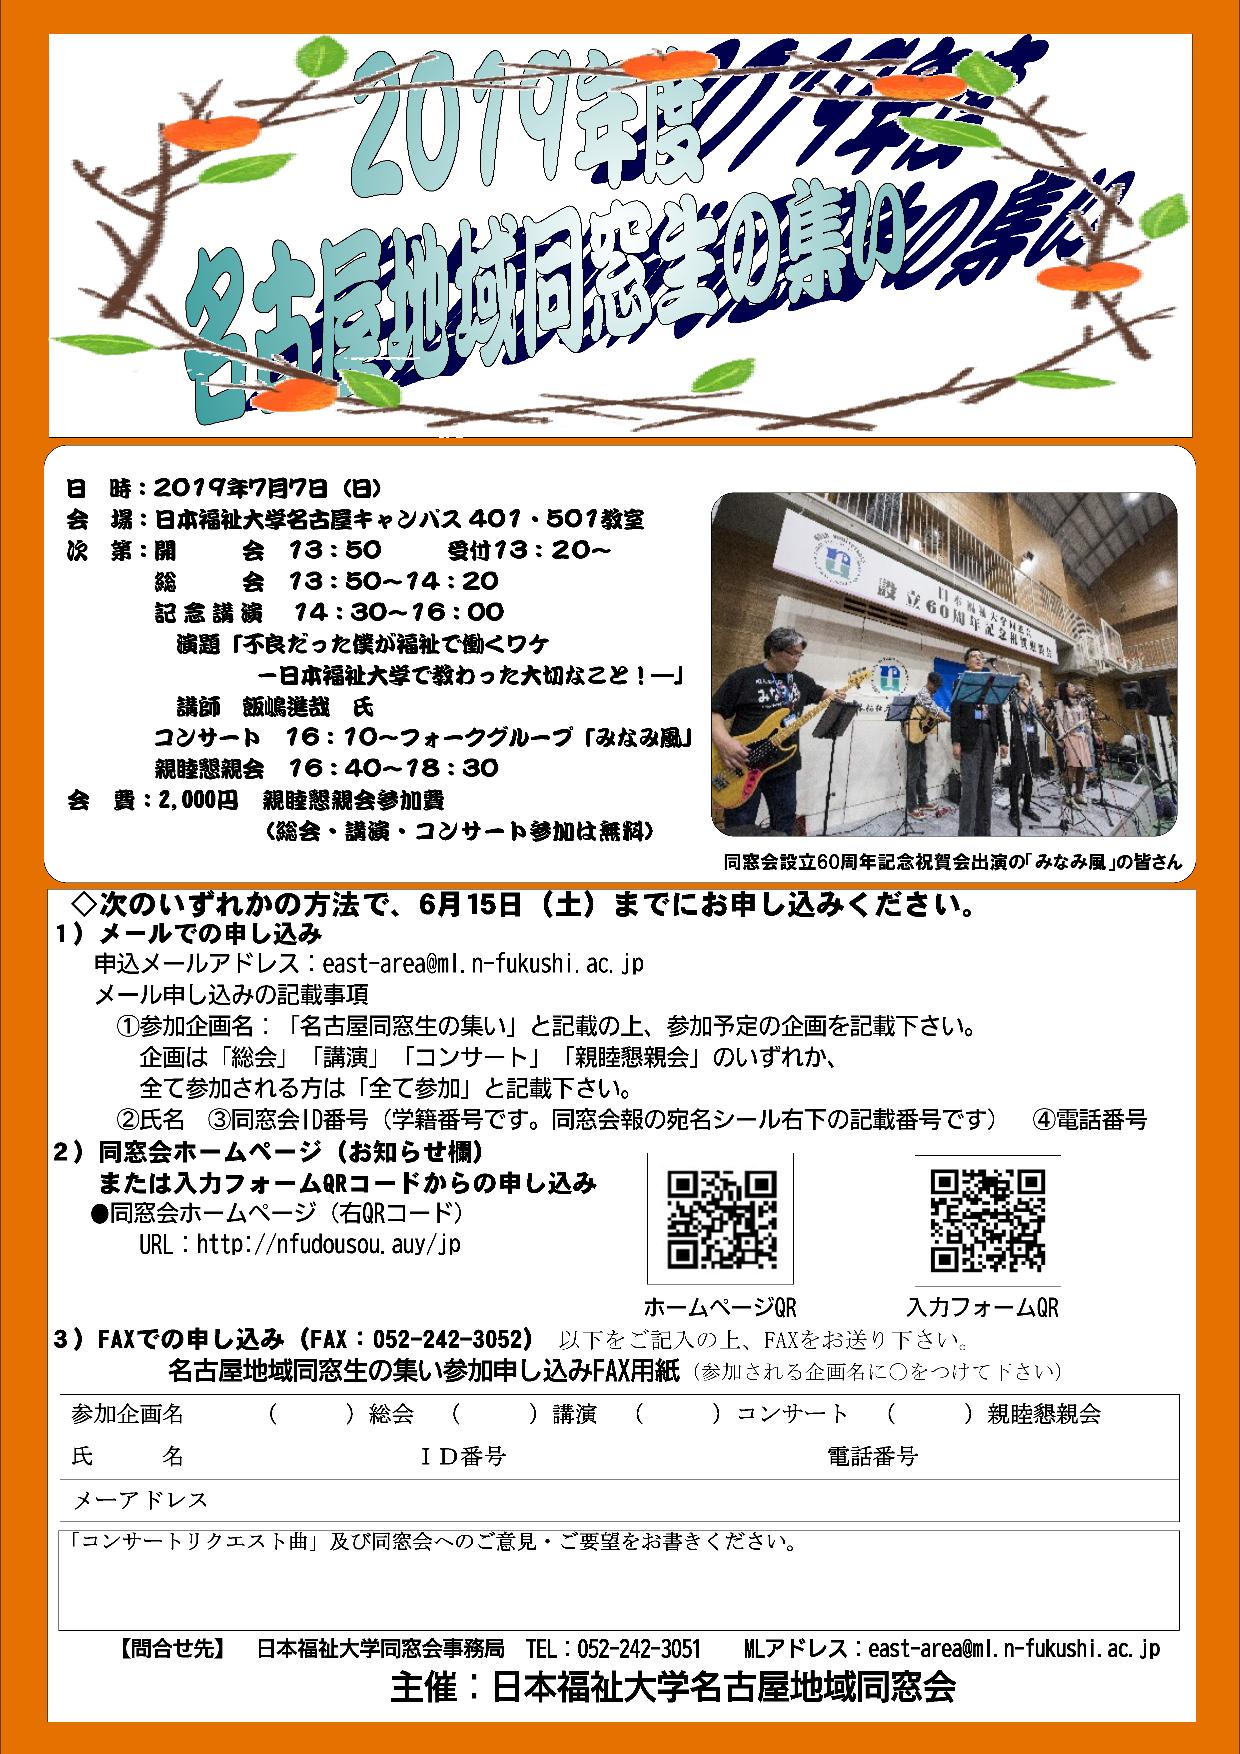 名古屋地域同窓会申込書